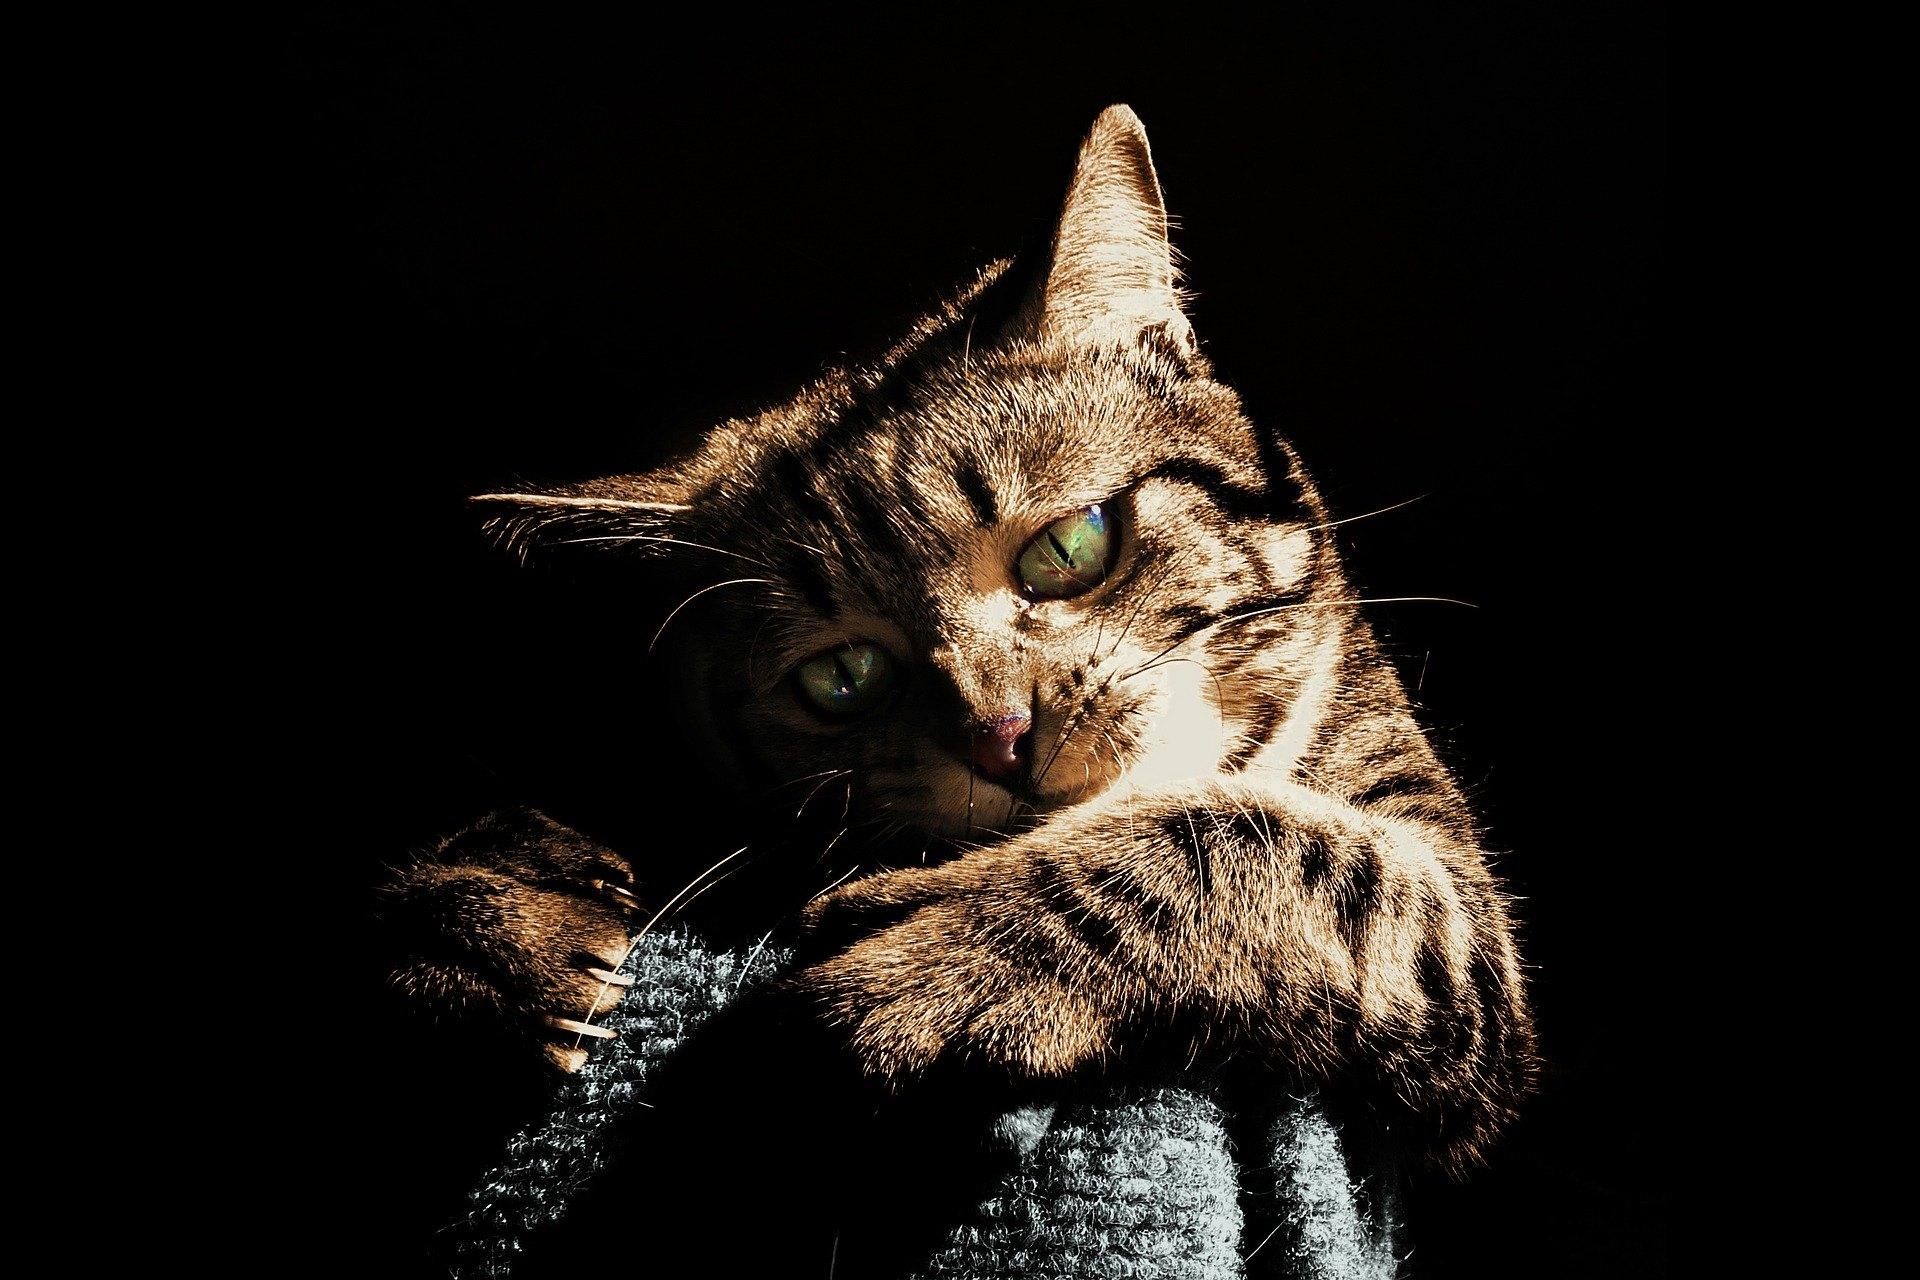 Kousnutí kočkou nesmí být nikdy podceňováno - může způsobit vážnou infekci vyžadující hospitalizaci. Jak se chránit před kousnutím kočkou?